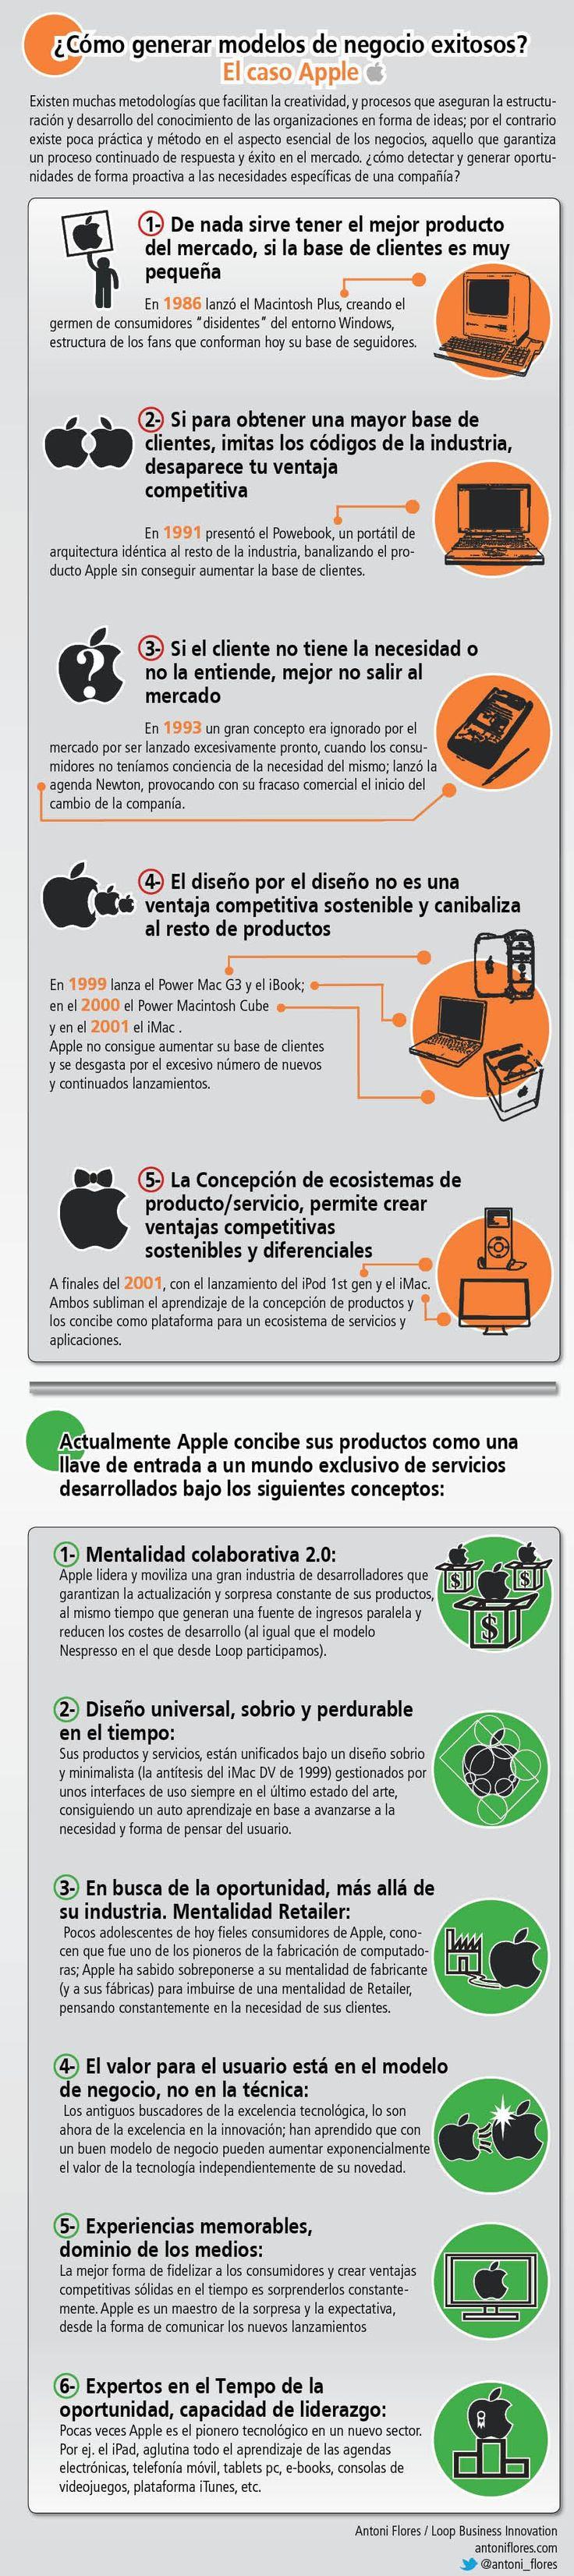 Cómo generar modelos de negocio exitosos: caso Apple #infografia #infographic